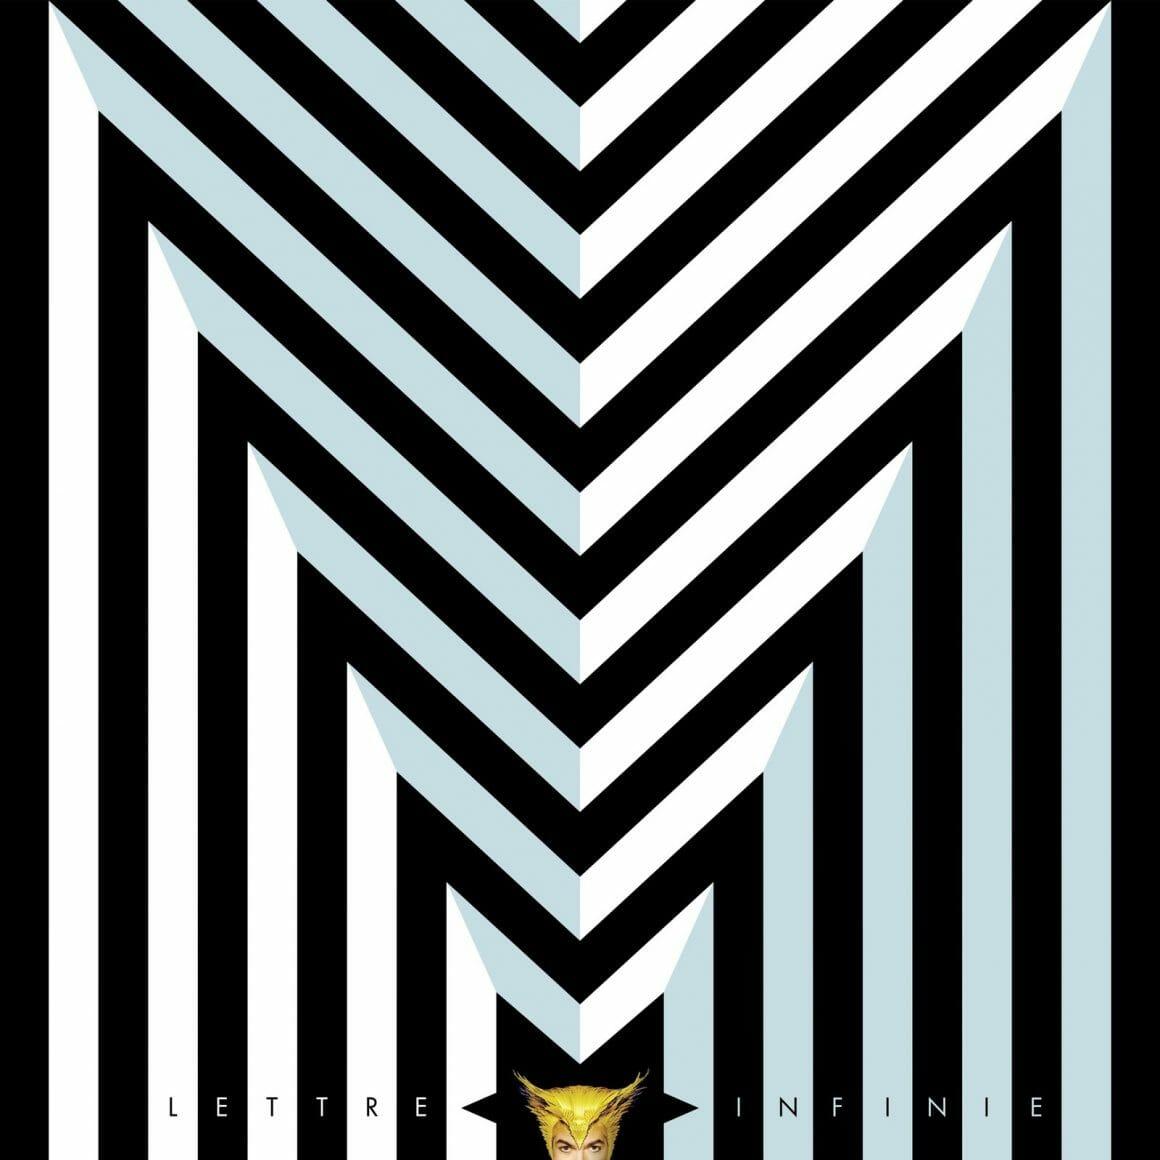 Lettre infinie, le dernier album de -M- Matthieu Chedid